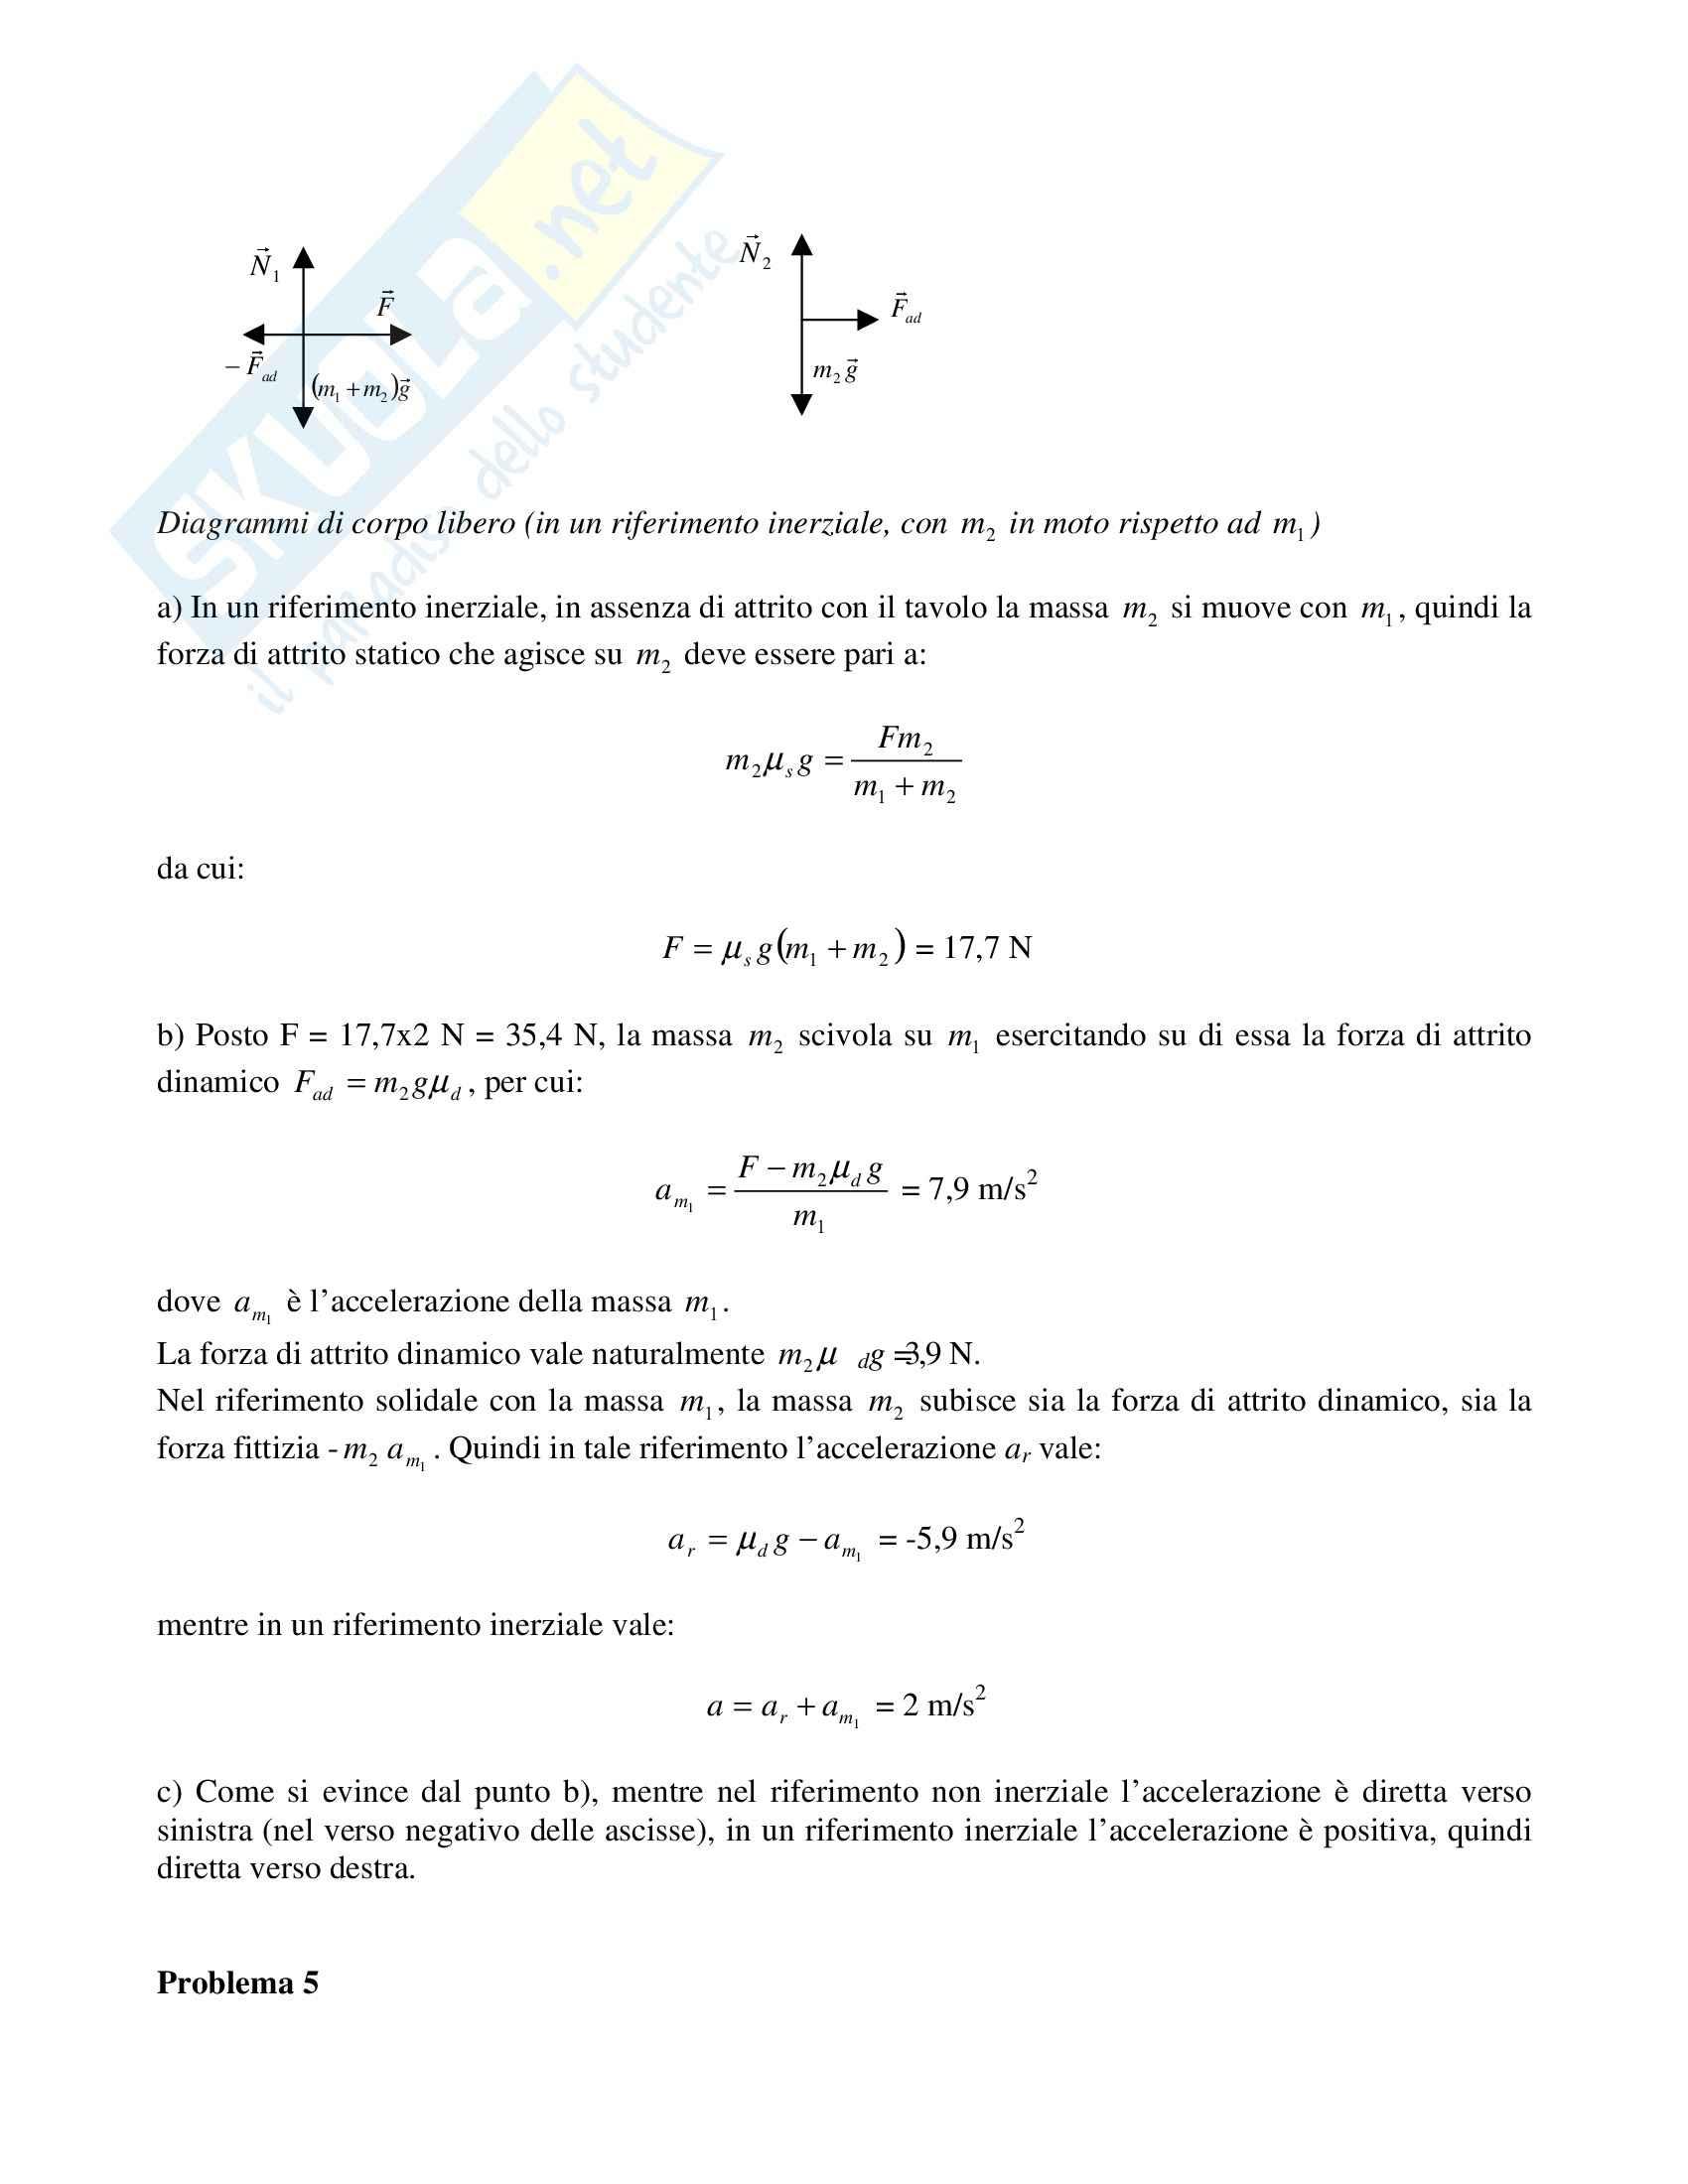 Risoluzione problemi di fisica Pag. 16